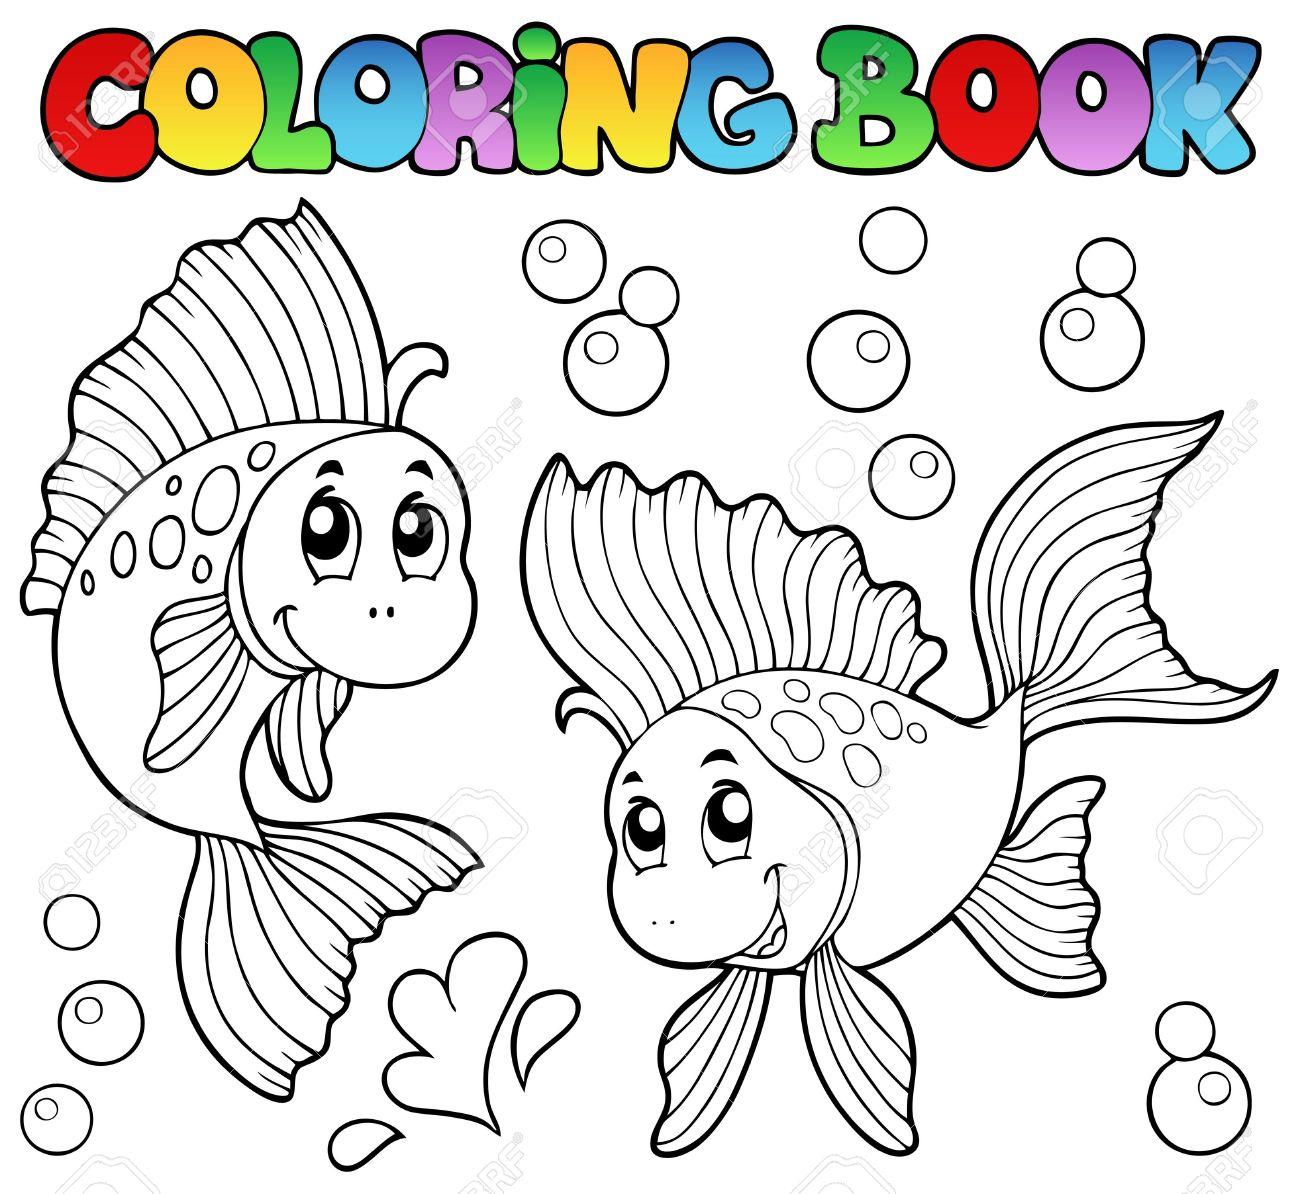 Coloring Book Dos Peces De Colores Lindos - Ilustración Vectorial ...